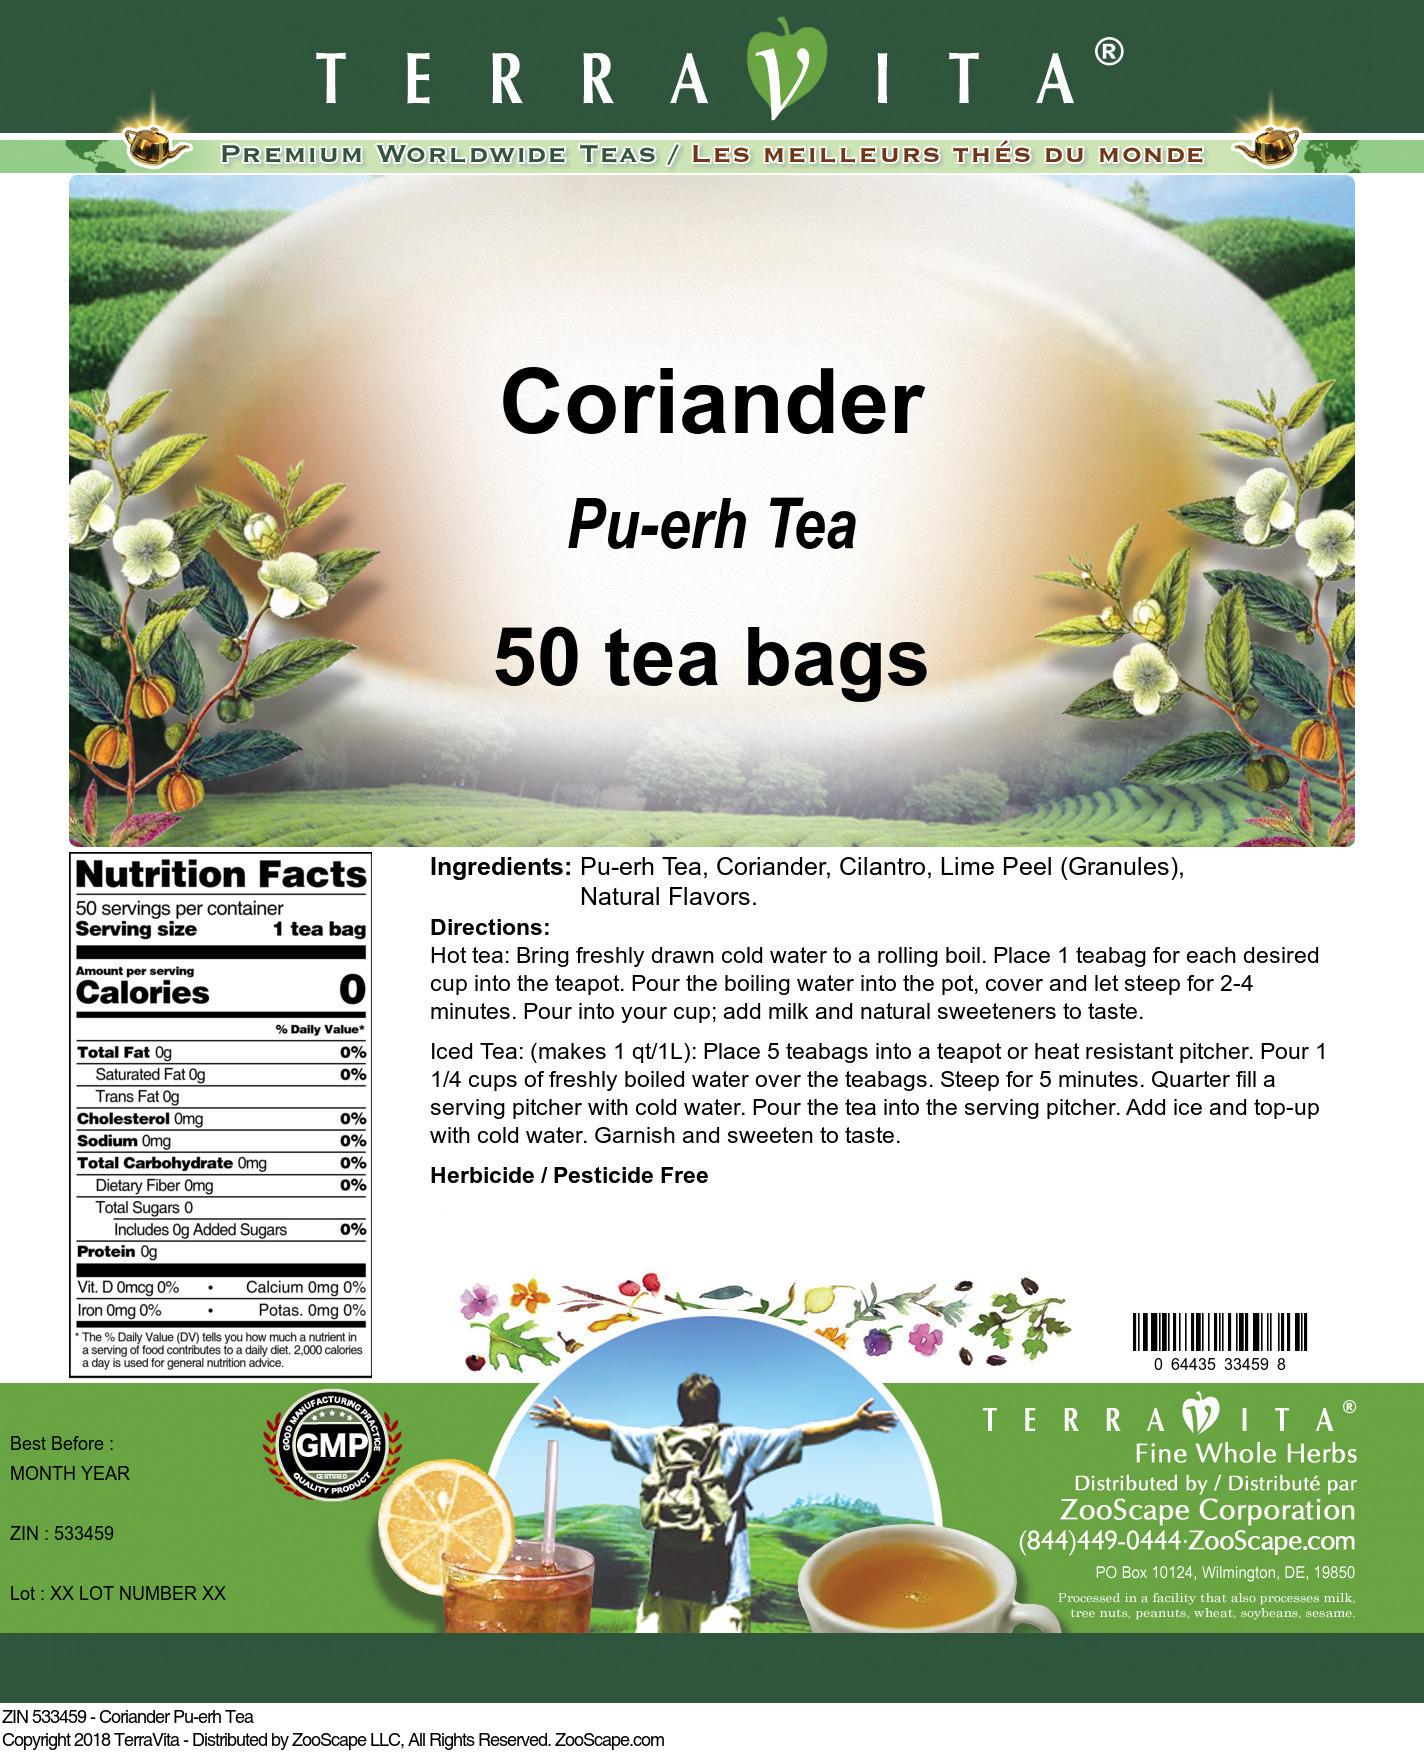 Coriander Pu-erh Tea